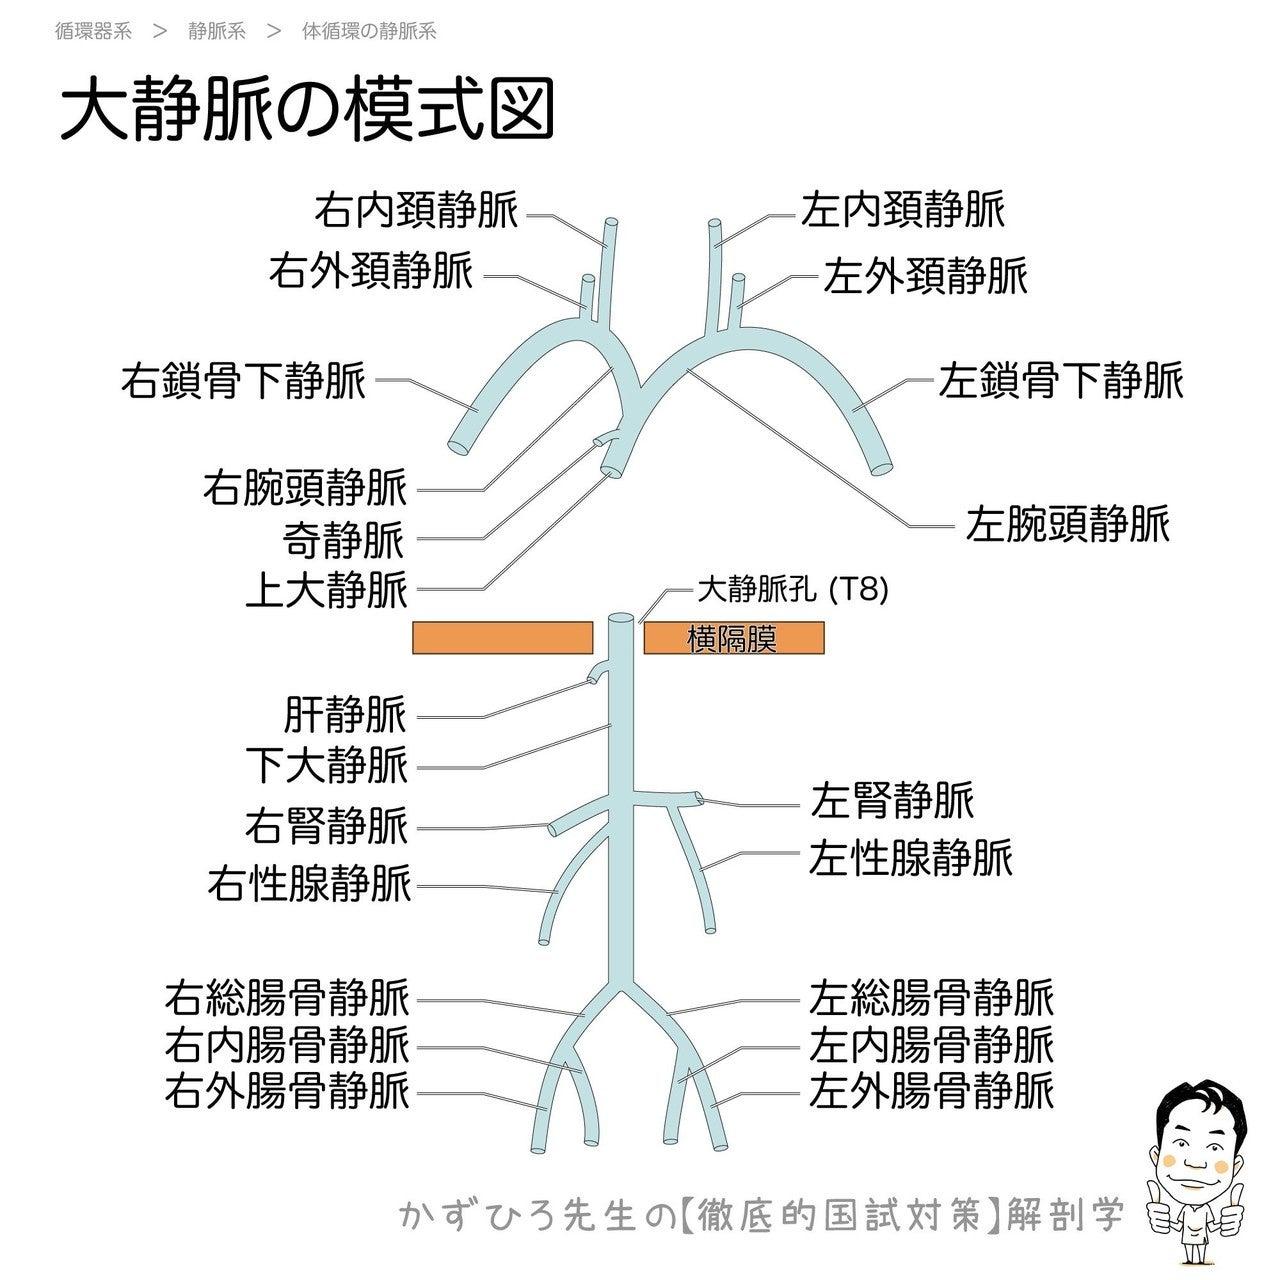 【2-4(1)】循環器系 - 静脈系 解説